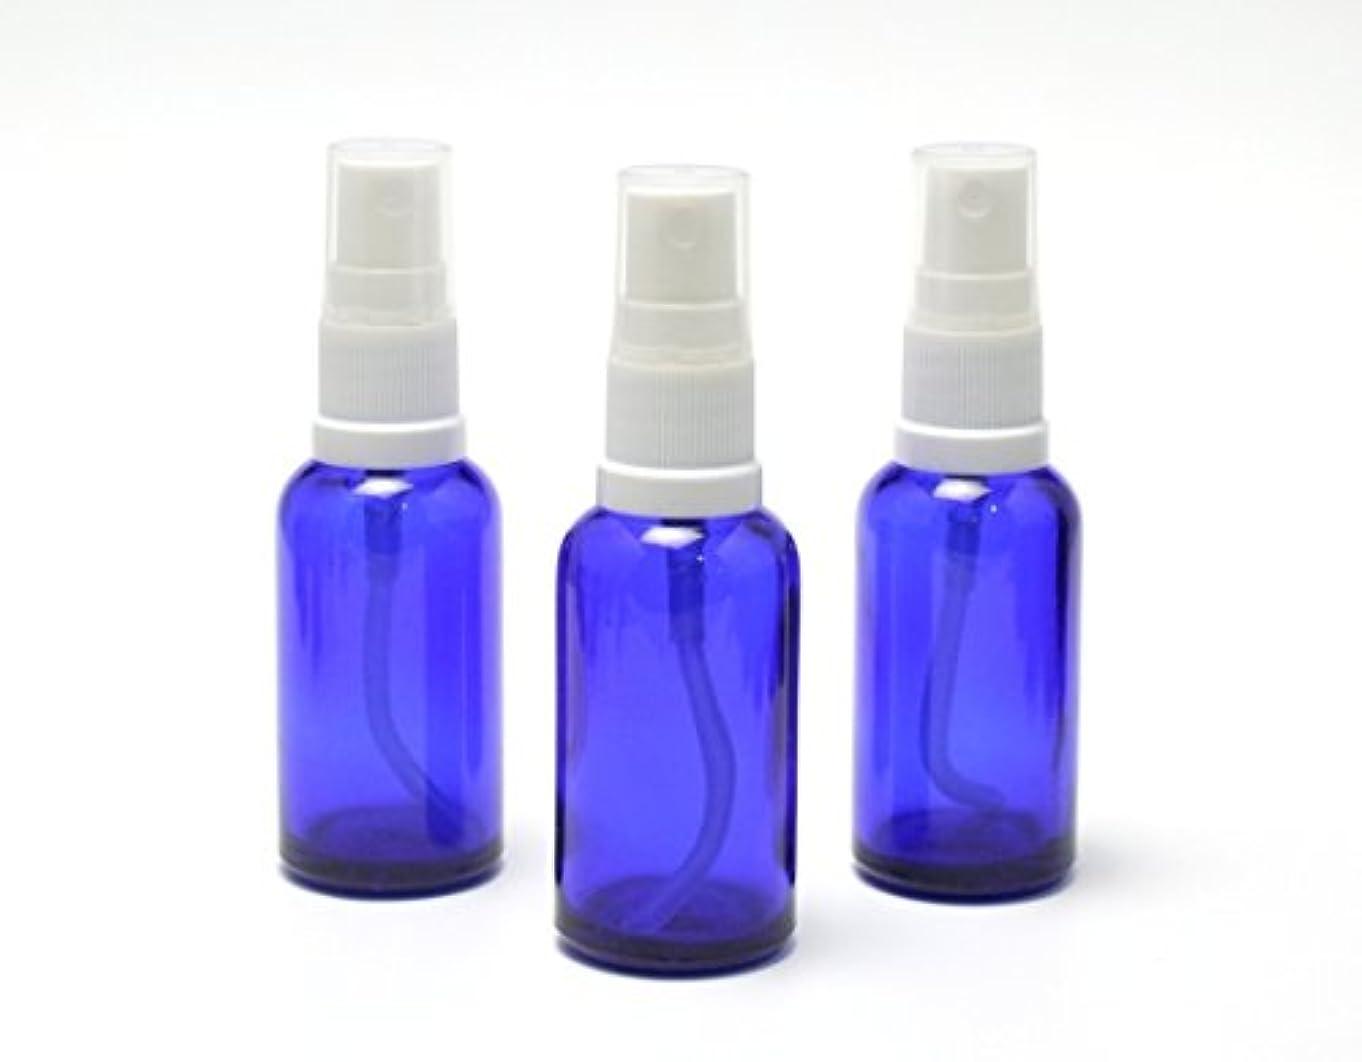 豊富な深い提案する遮光瓶 スプレーボトル 30ml  コバルトブルー / ホワイトヘッド(グラス/アトマイザー)【 アウトレット商品 】